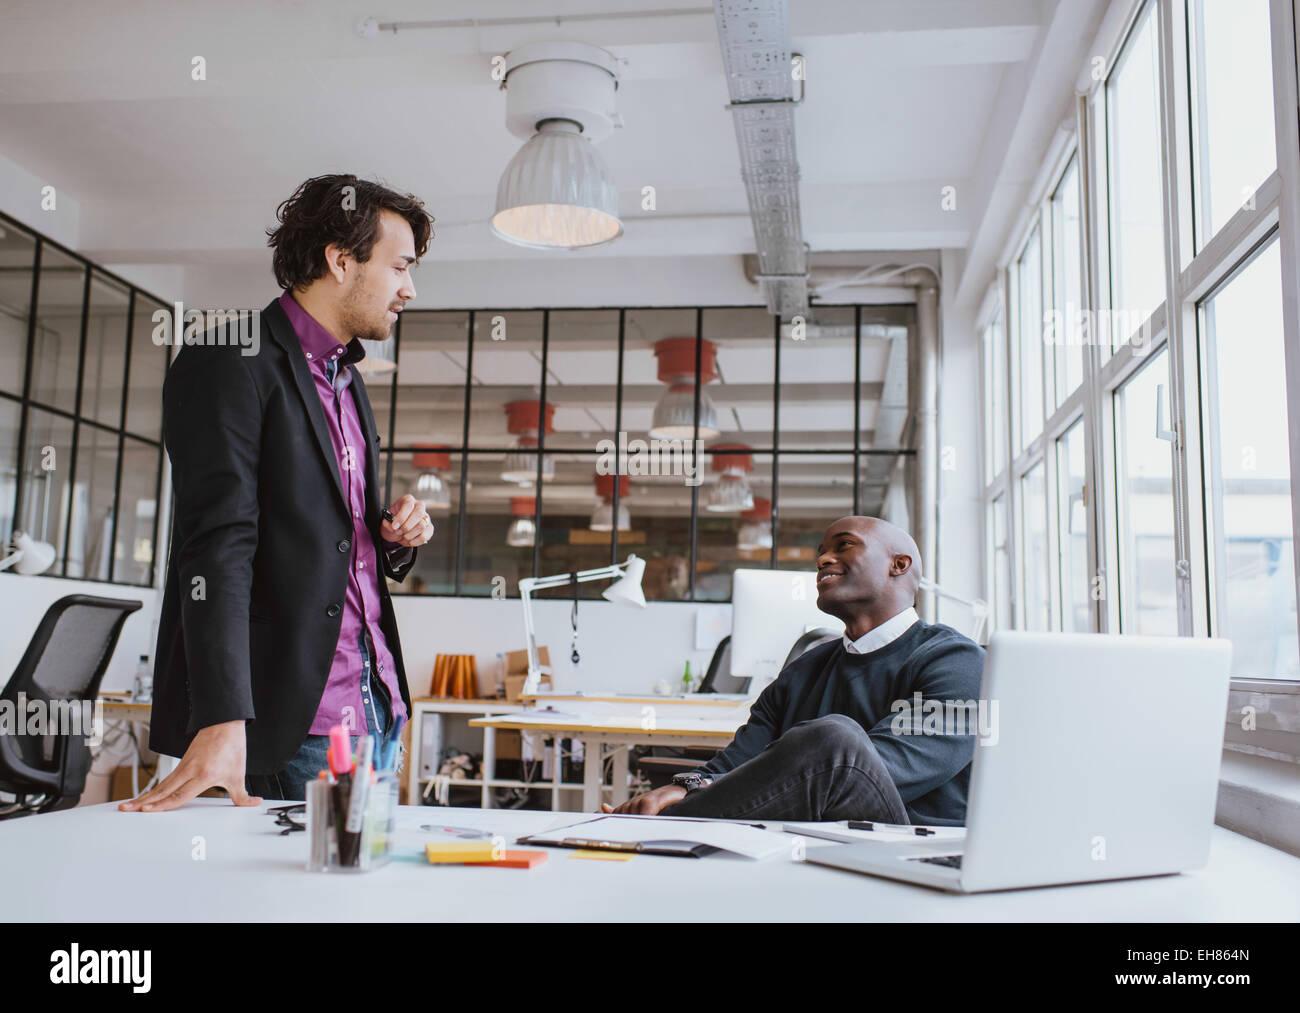 Dos jóvenes trabajadores de oficina tener una reunión informal en la recepción. Raza mixta gente Imagen De Stock